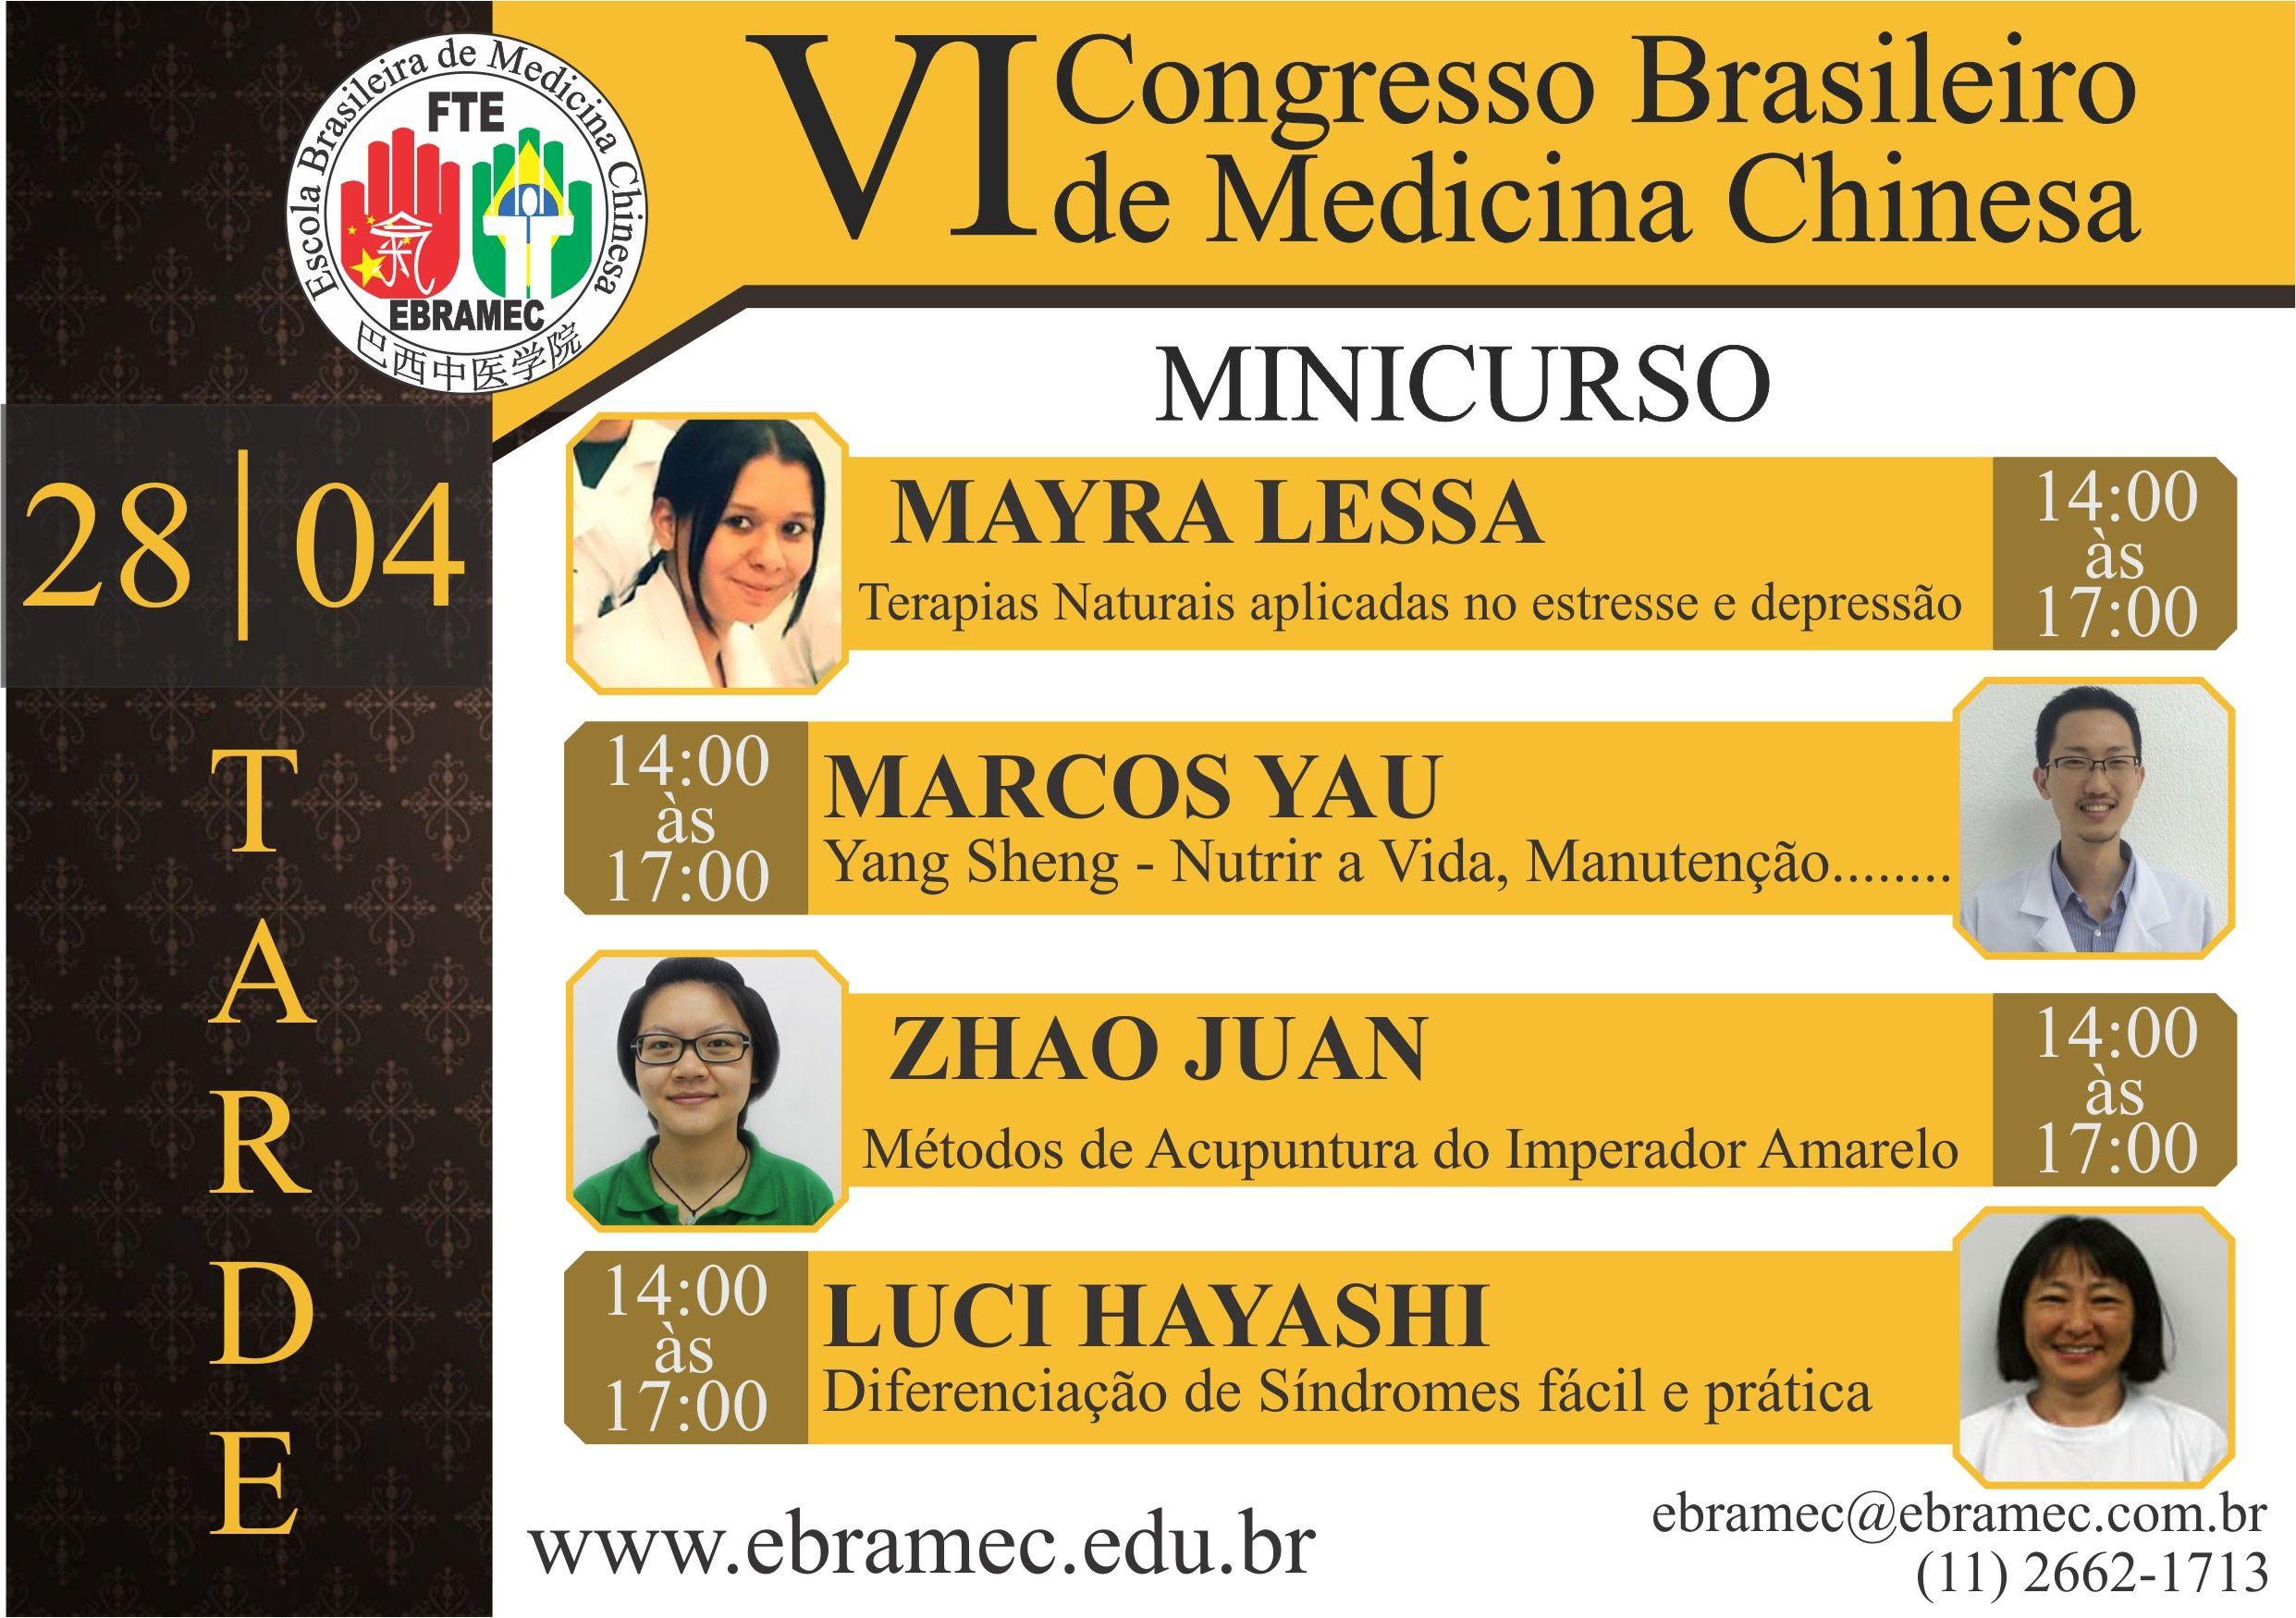 VI Congresso Brasileiro de Medicina Chinesa Dias: 28, 29 e 30 de Abril  Toda semana exibiremos uma lista de palestrantes confirmados até o momento!! Estes são do Mini Curso na parte da tarde!!! Corra e garanta sua vaga!!!  Para valores, informações e conteúdo do Congresso e Mini Cursos, acesse: http://congresso.ebramec.edu.br/  E para outras informações e inscrições, ligue 0xx11 2662-1713 ou pelo whatsapp: 0xx11 97504-9170 ou através do e-mail: ebramec@ebramec.com.br.